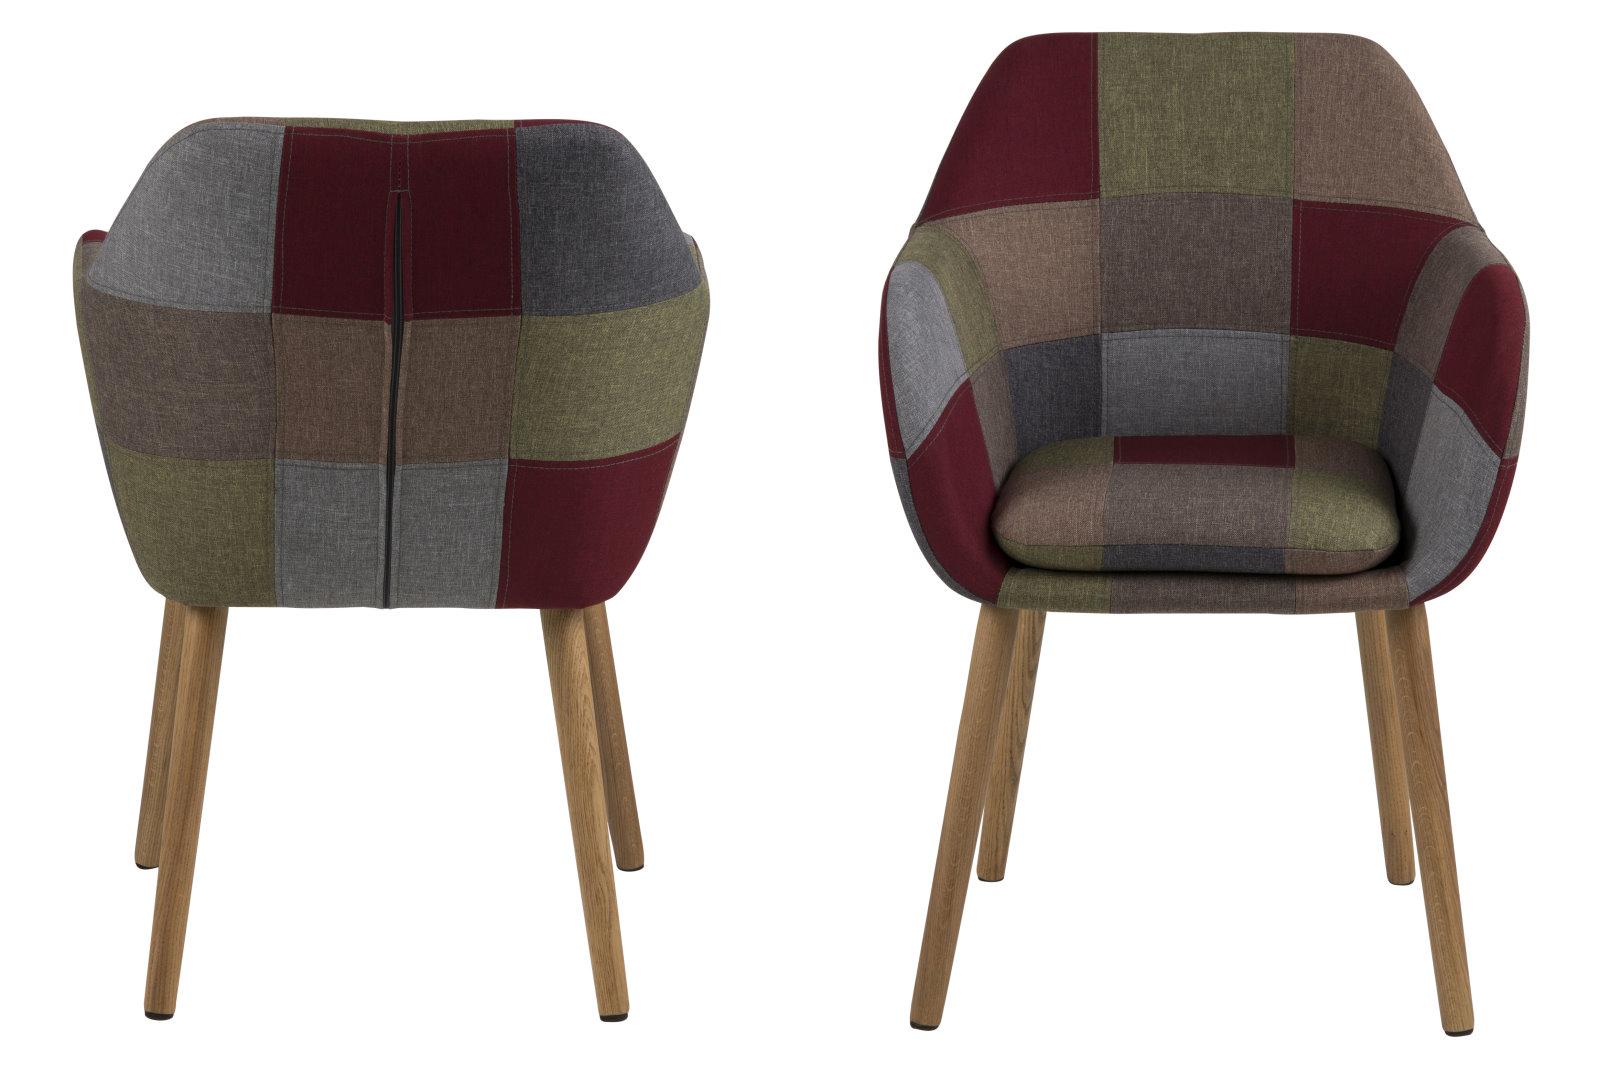 pkline esszimmerstuhl emil stuhl k chenstuhl stuhlgruppe patchwork m bel wohnen st hle hocker. Black Bedroom Furniture Sets. Home Design Ideas